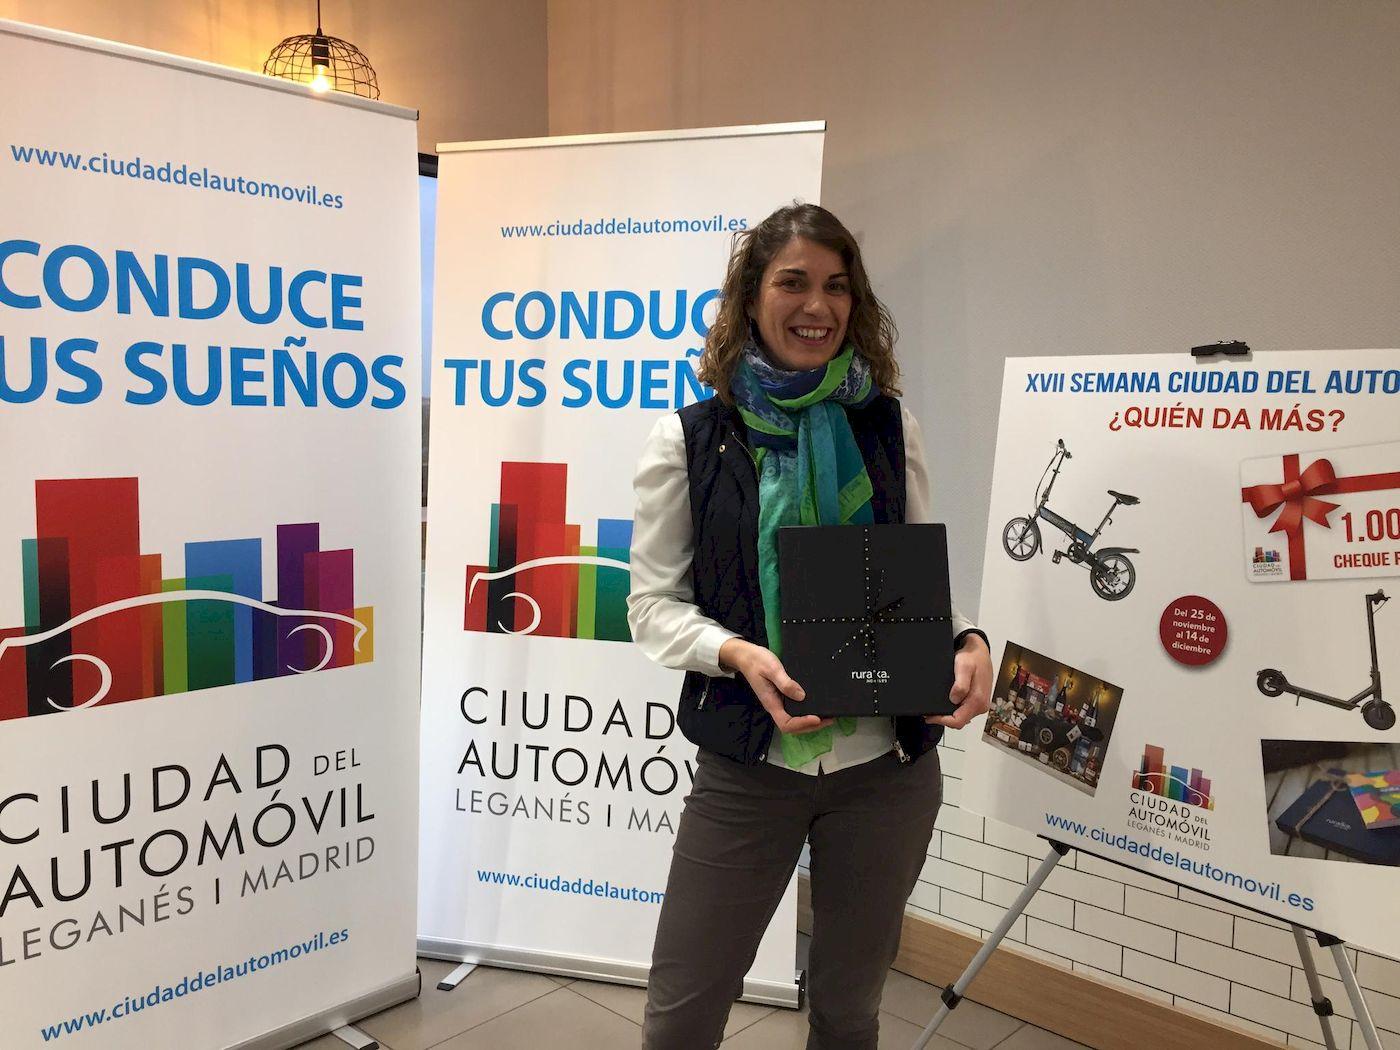 Entrega de regalos a los ganadores de la XVII SEMANA CIUDAD DEL AUTOMÓVIL